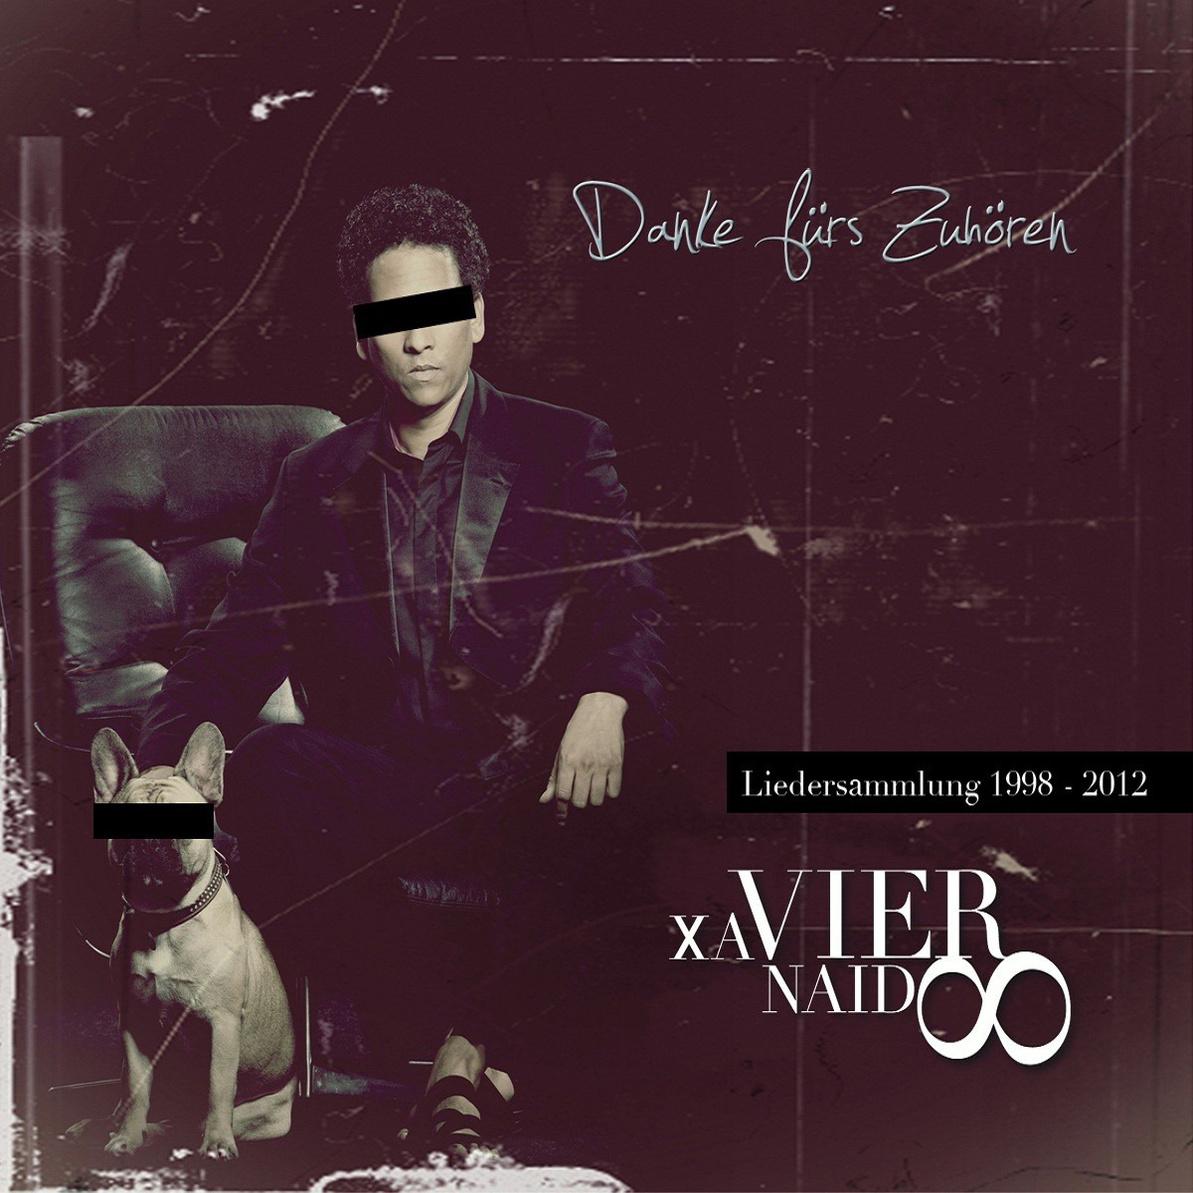 Xavier Naidoo - Danke für´s Zuhören - Liedersammlung 1998-2012